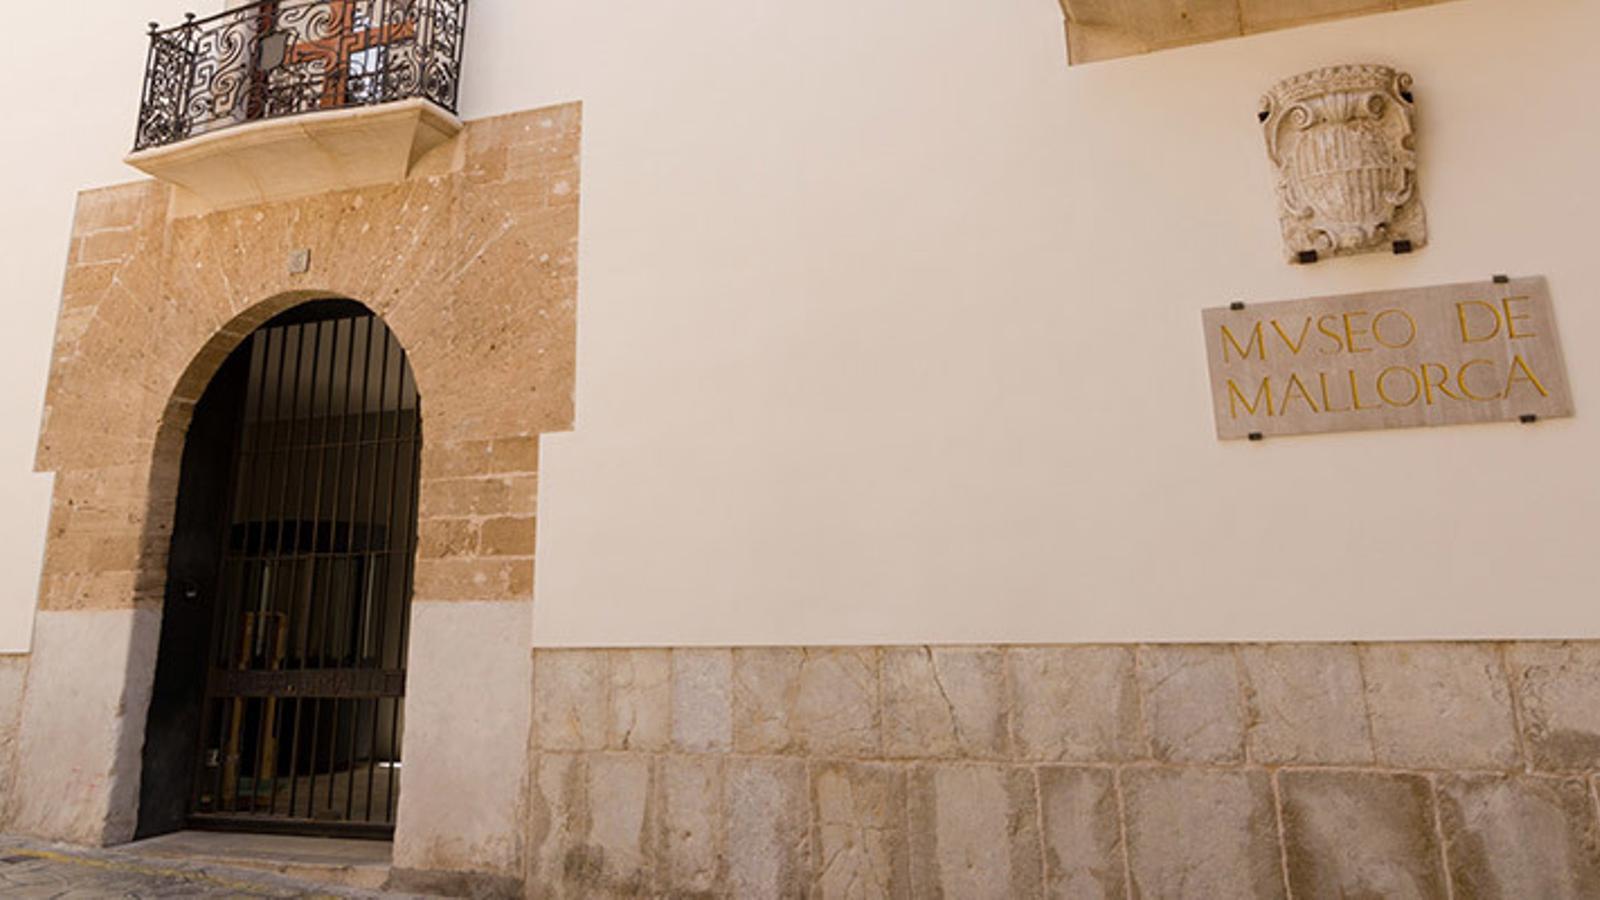 Façana del Museu de Mallorca